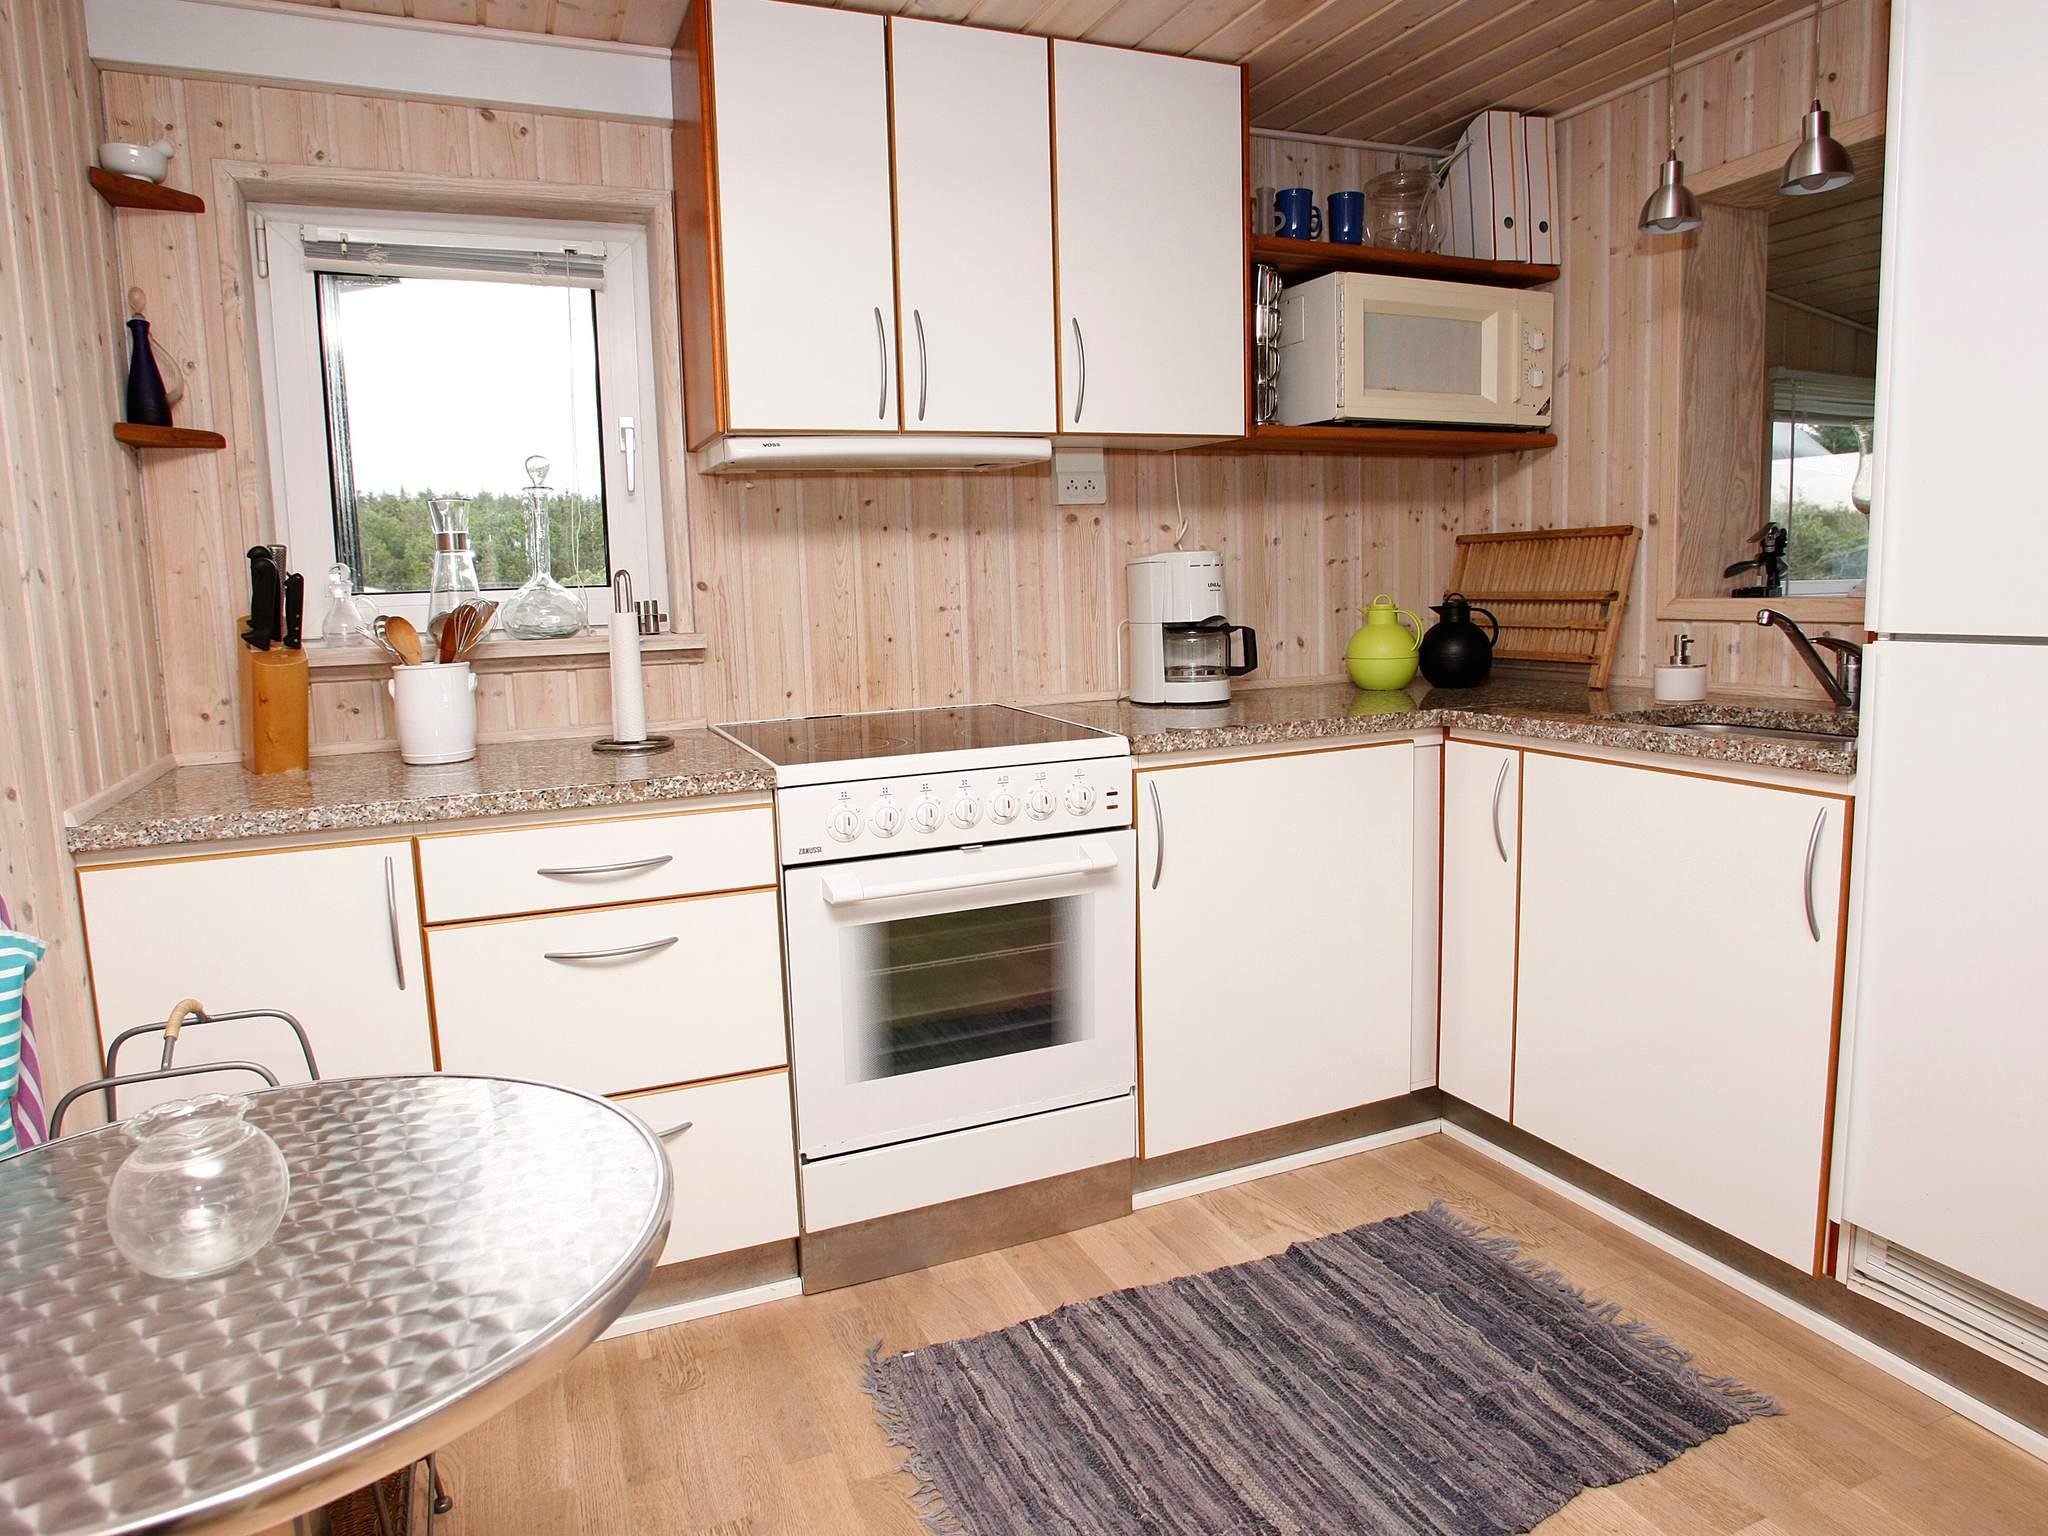 Ferienhaus Løkken (498647), Løkken, , Nordwestjütland, Dänemark, Bild 6